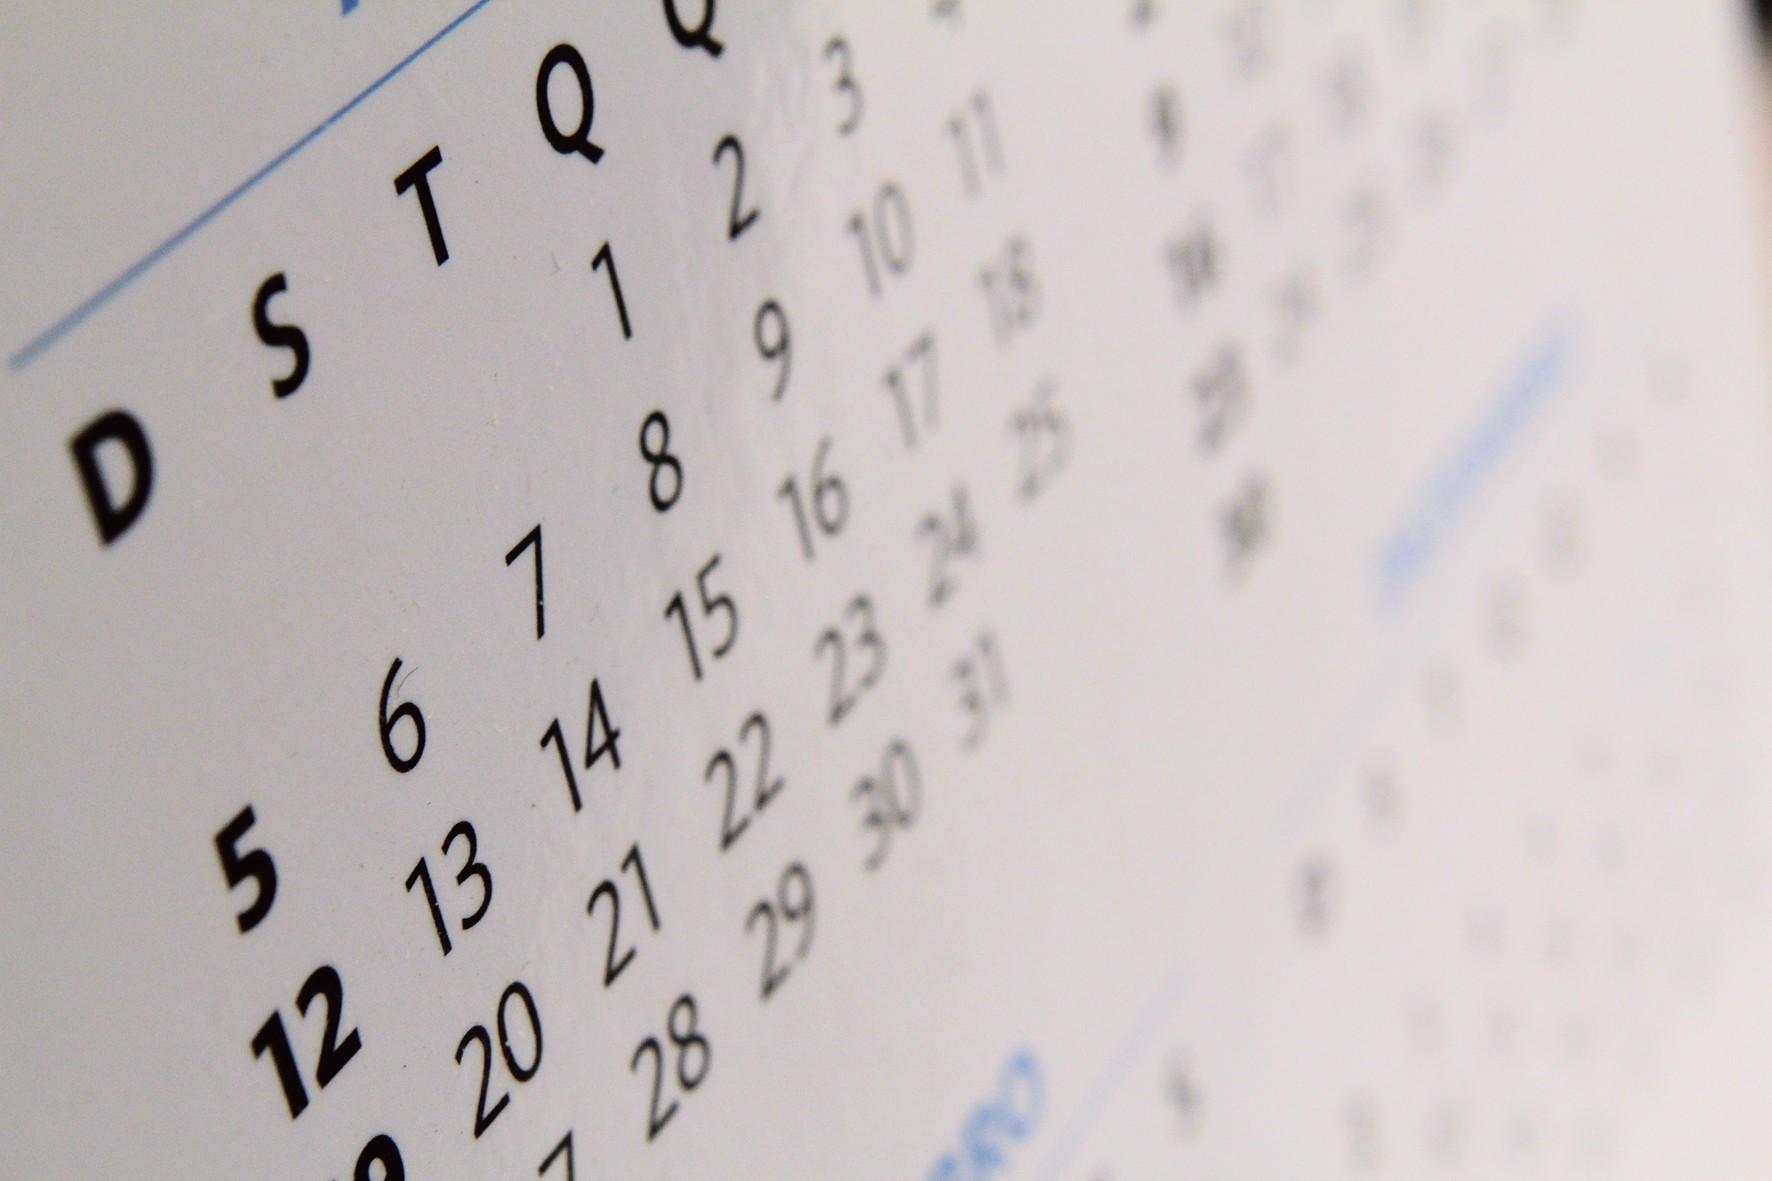 Calendario Imprimir Novembro 2019 Más Recientes Divulga§£o Do Calendário Do Vestibular Fuvest 2019 – Fuvest Of Calendario Imprimir Novembro 2019 Más Actual Custom Editable Free Printable 2019 Calendars